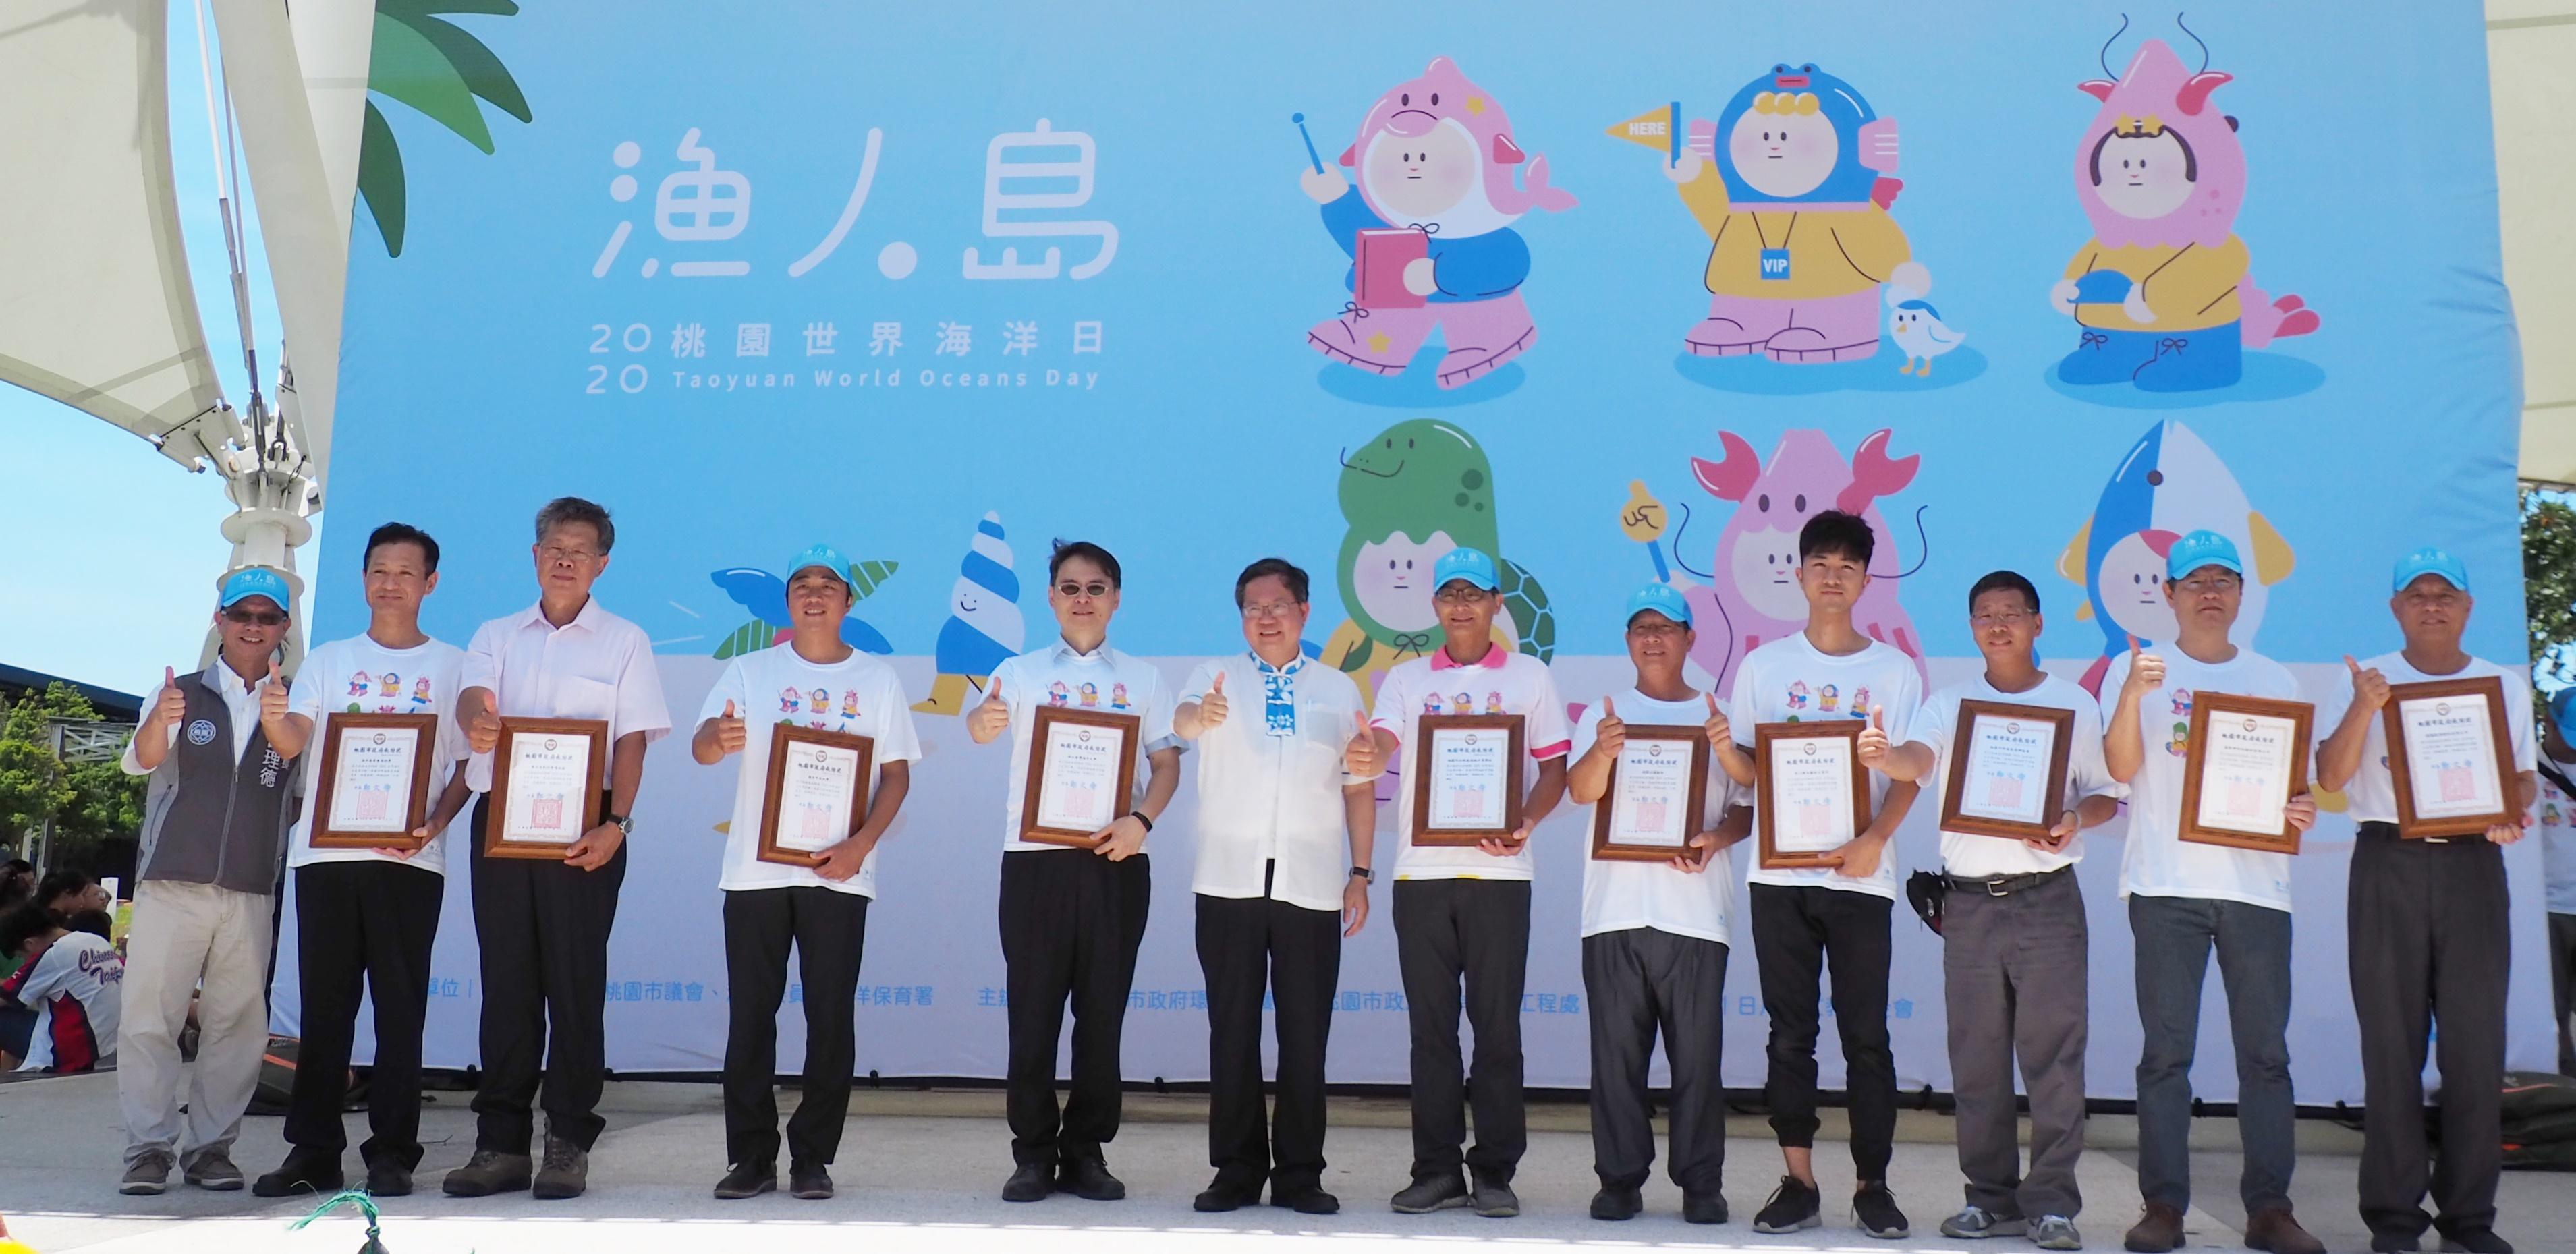 「漁人島-2020桃園世界海洋日」開幕儀式